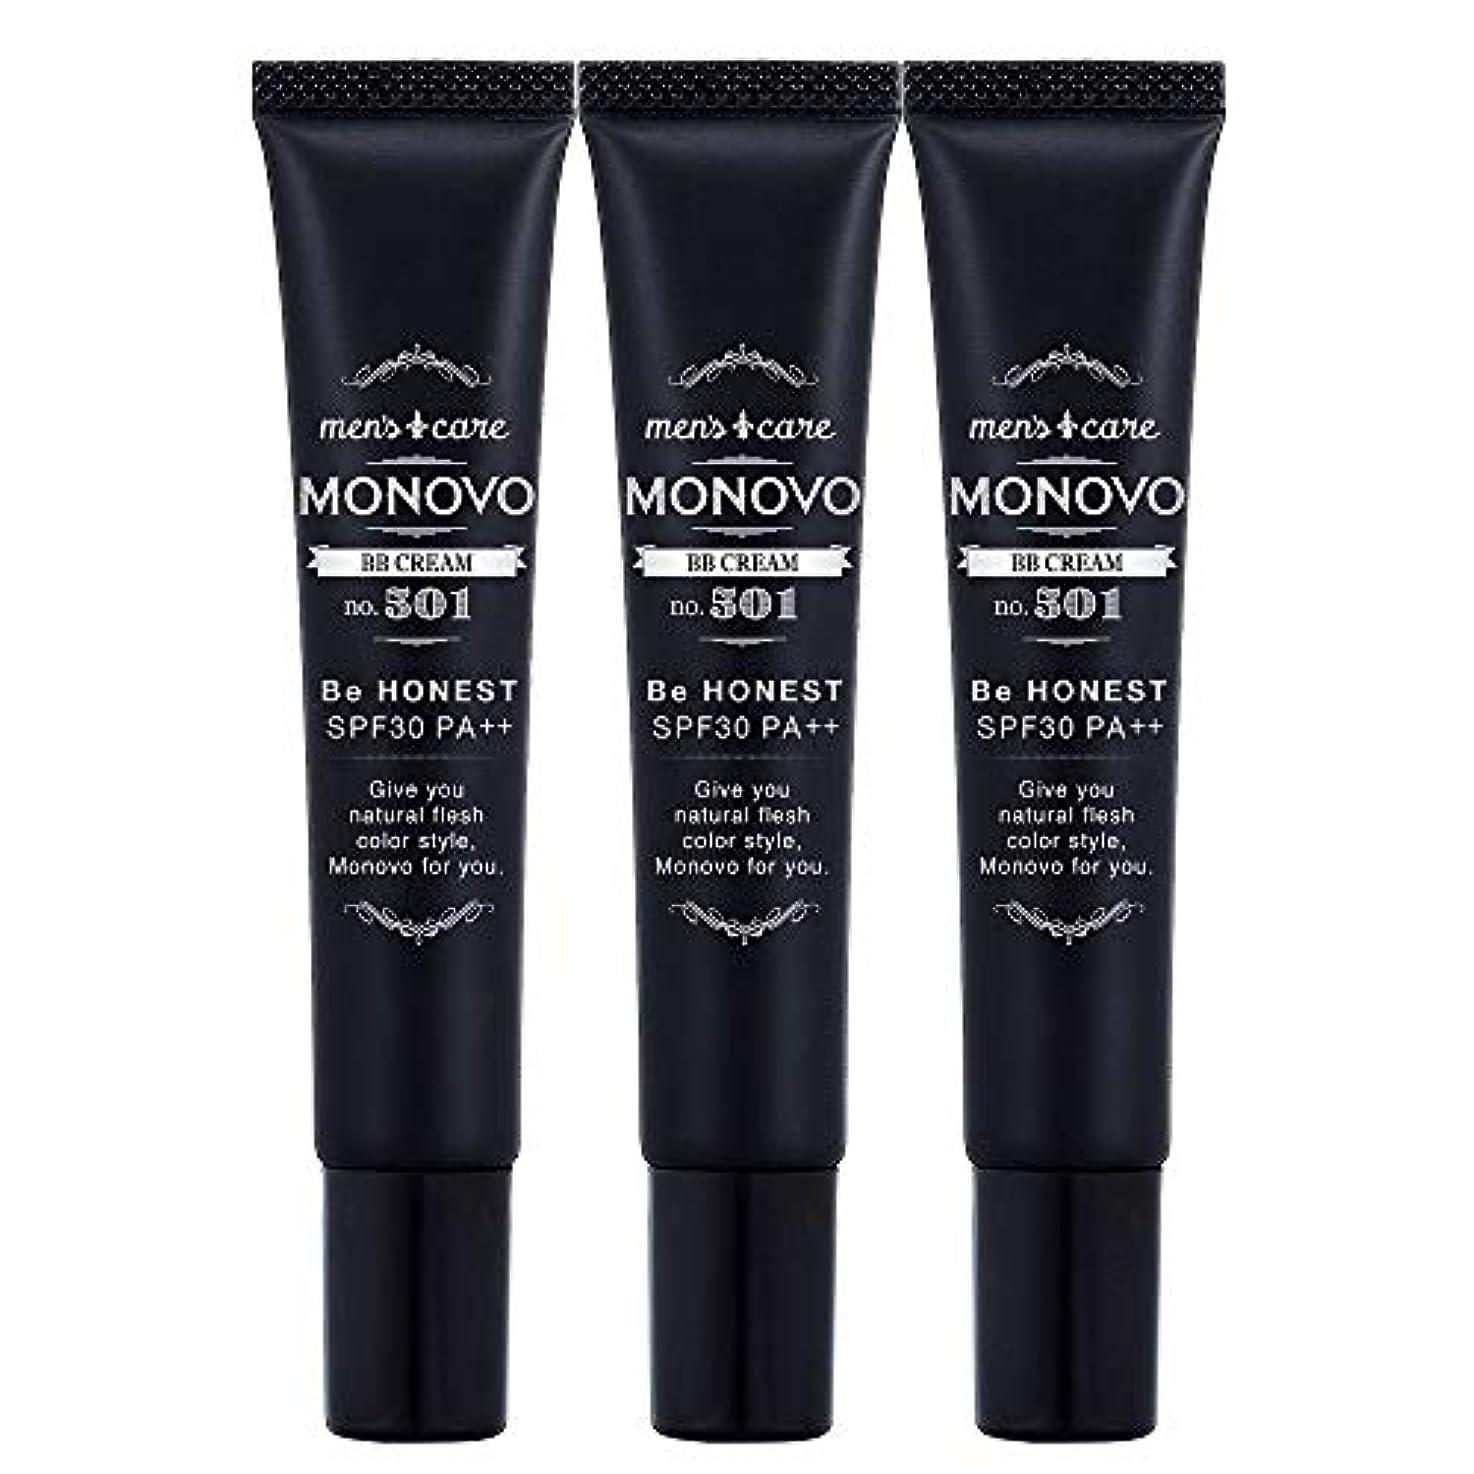 ストライド家主対称MONOVO BBクリーム メンズ コンシーラー ファンデーション効果で青髭/テカリ/肌荒れ隠し[ SPF30/PA++] 3本 60g